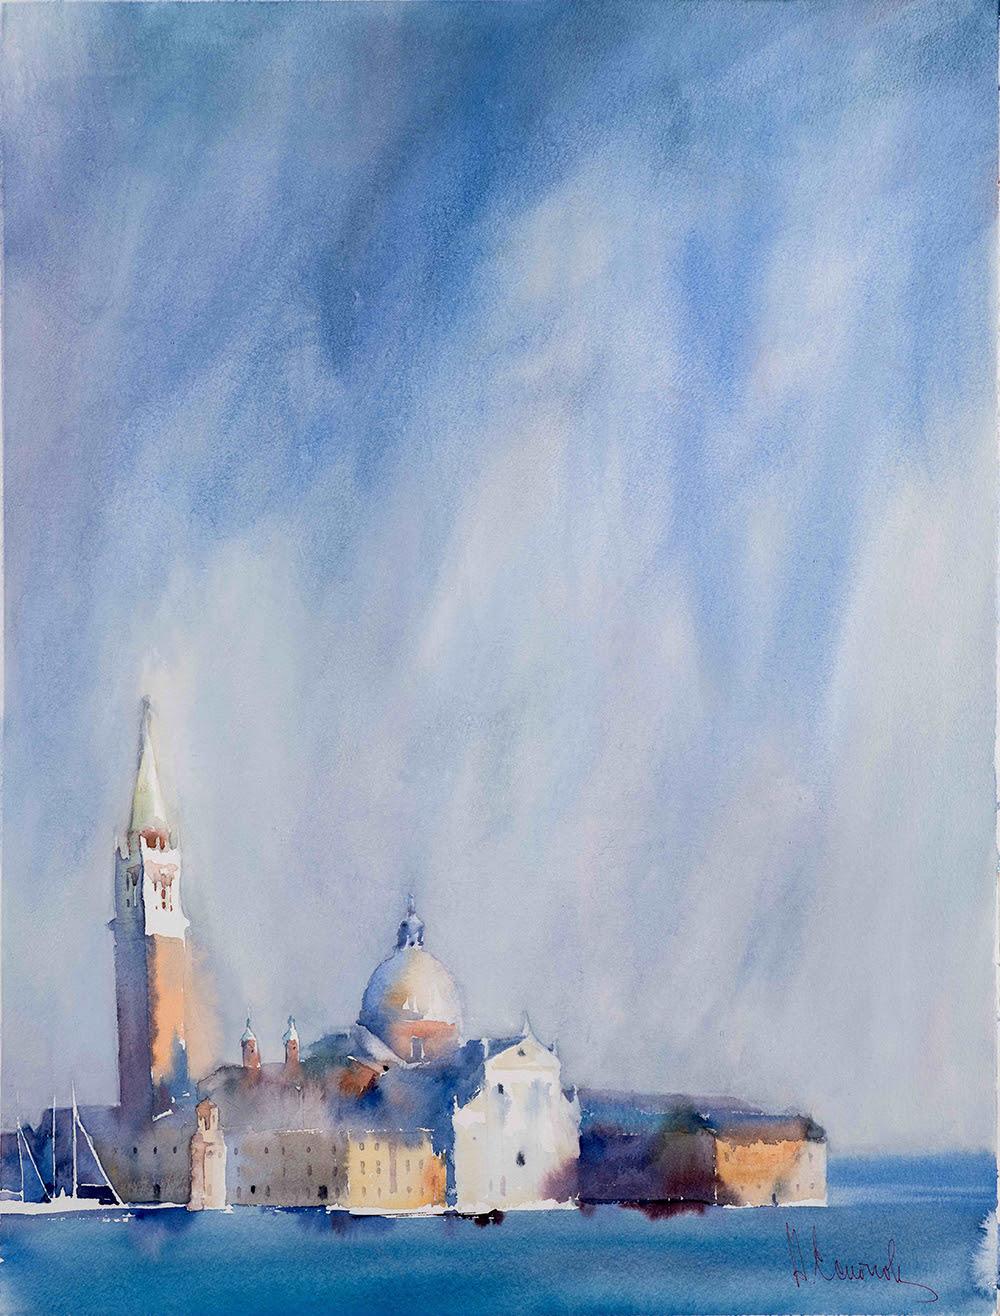 Andrey Esionov, L'irrealtà di qualcun altro, 2017 Сarta, acquerello, 76×56 -